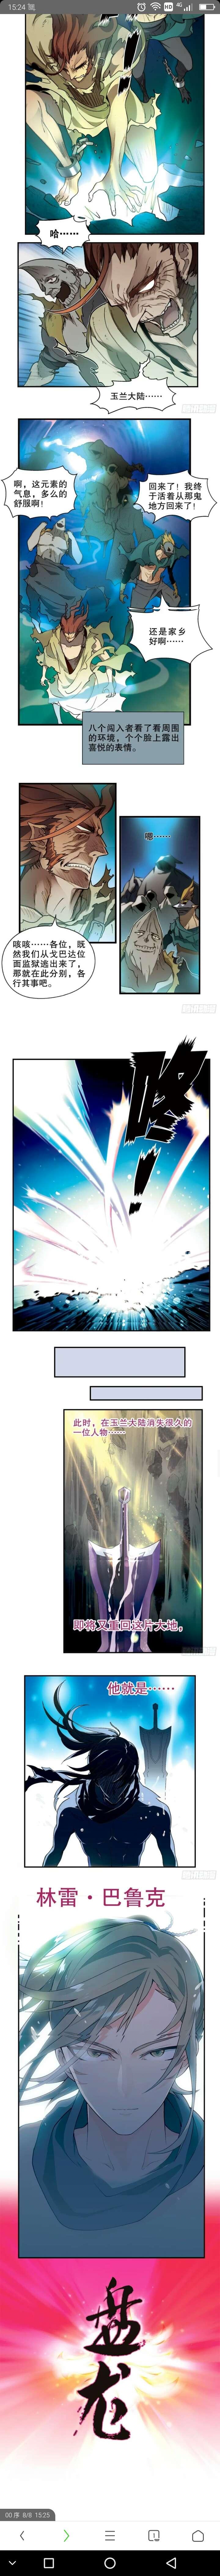 【漫画】盘龙2,妖精的尾巴邪恶漫画acg